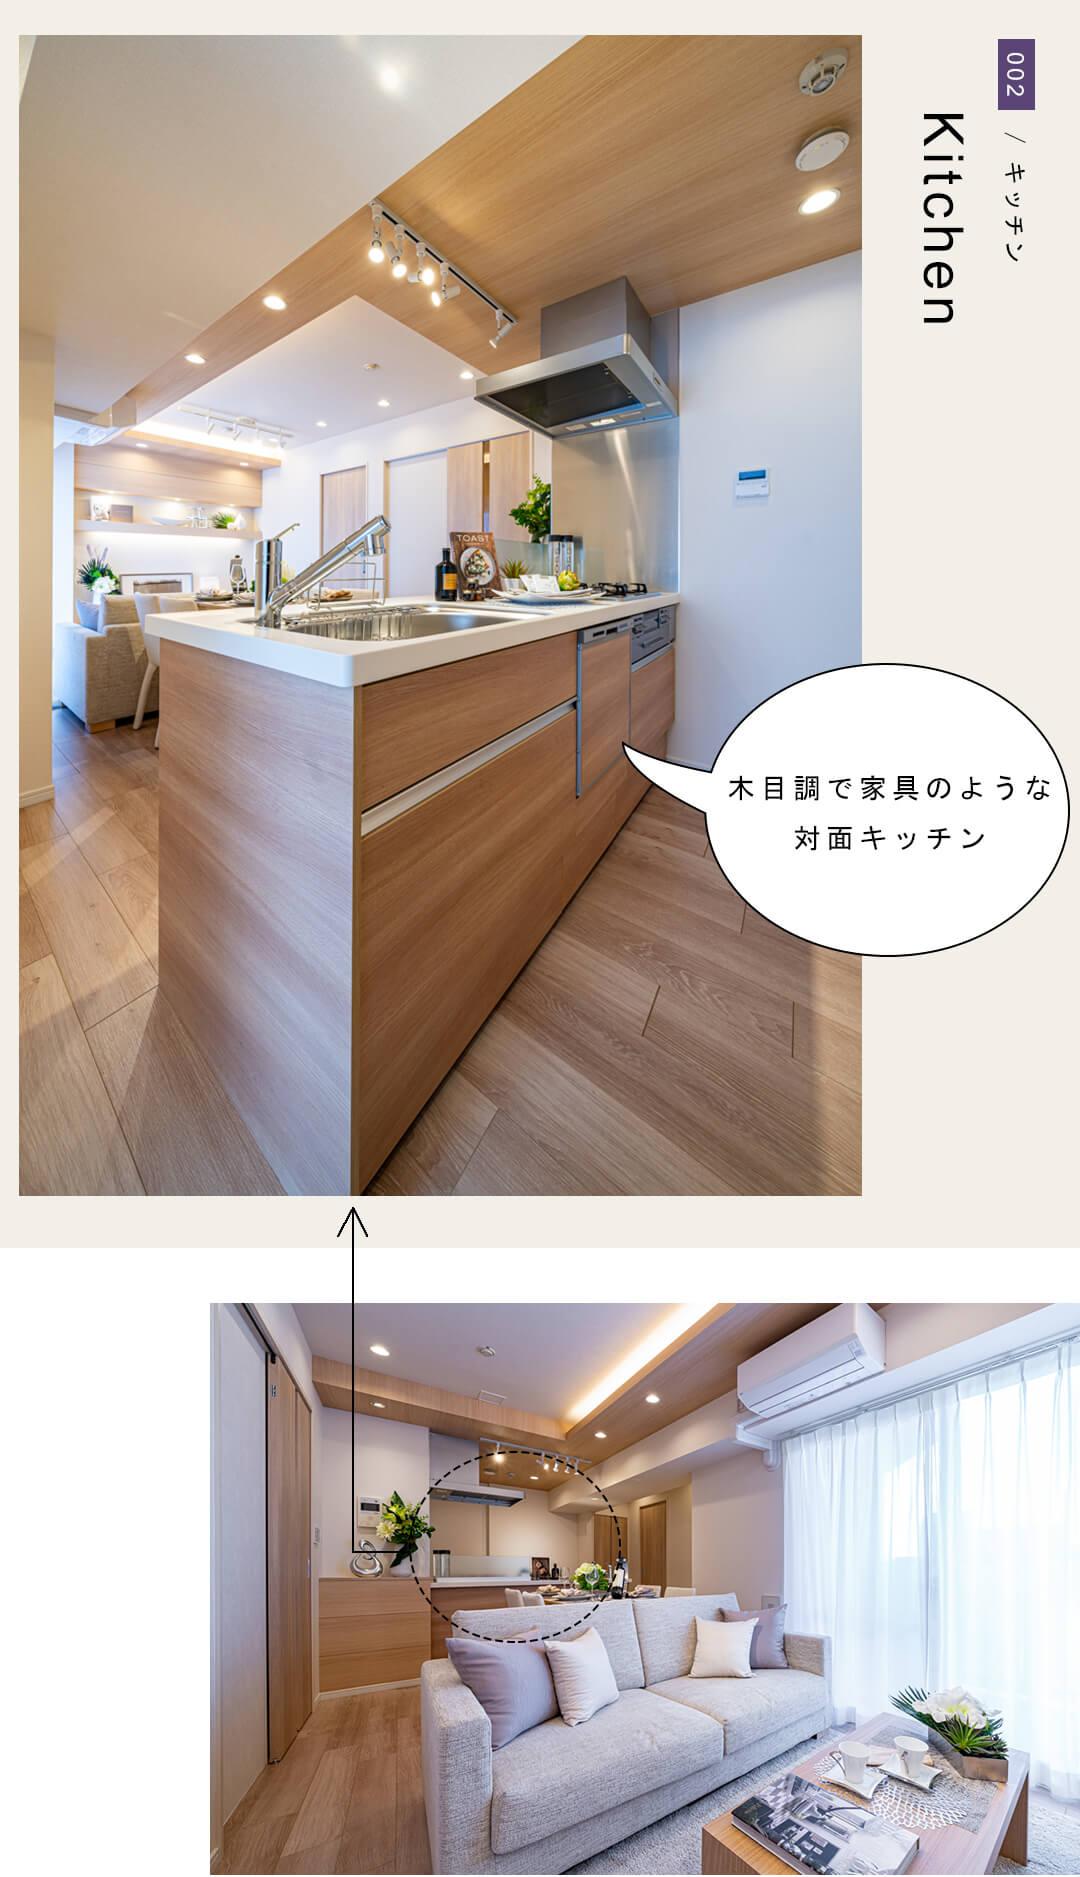 オーベル本所吾妻橋のキッチン